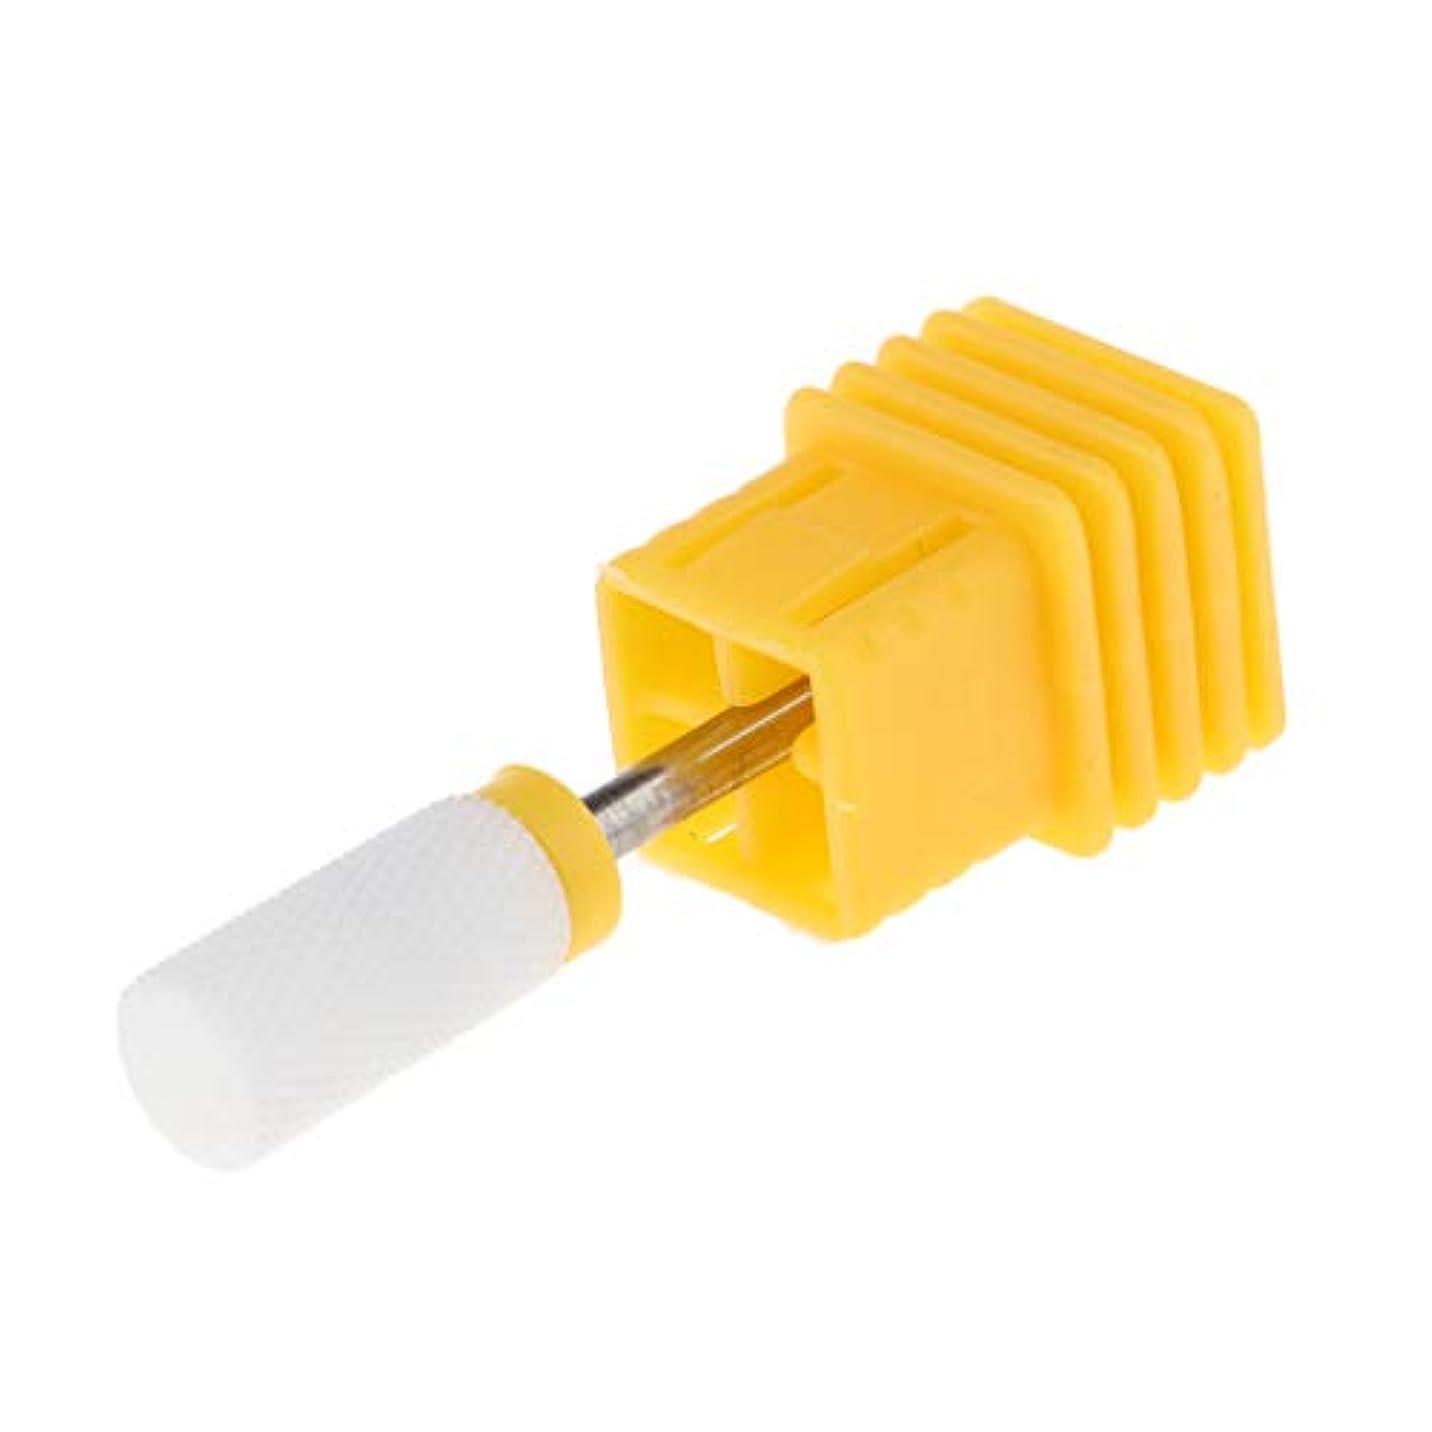 想定立法誕生セラミック 研磨ヘッド ネイルドリルビット 電気ネイルマシン マニキュア用 全6選択 - XF